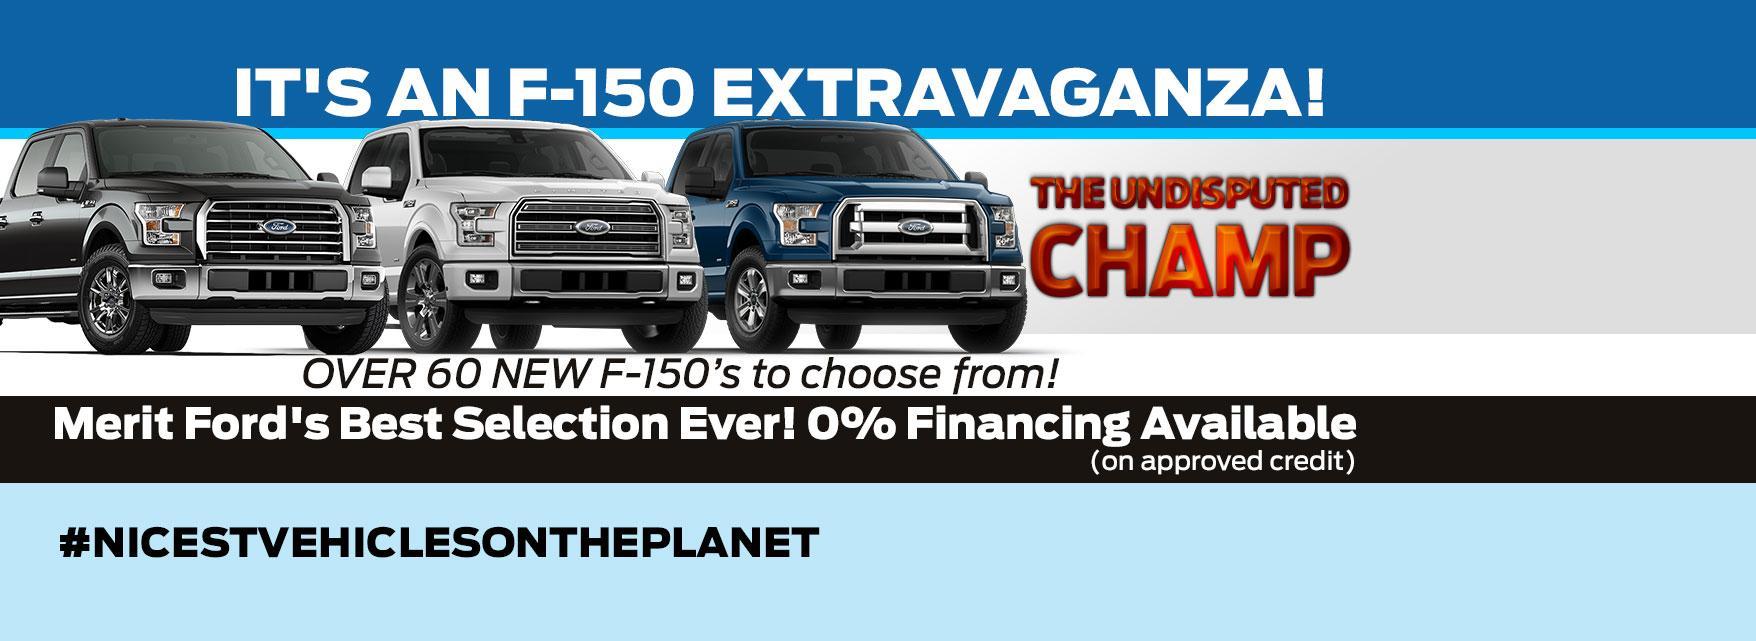 F150 Extravaganza